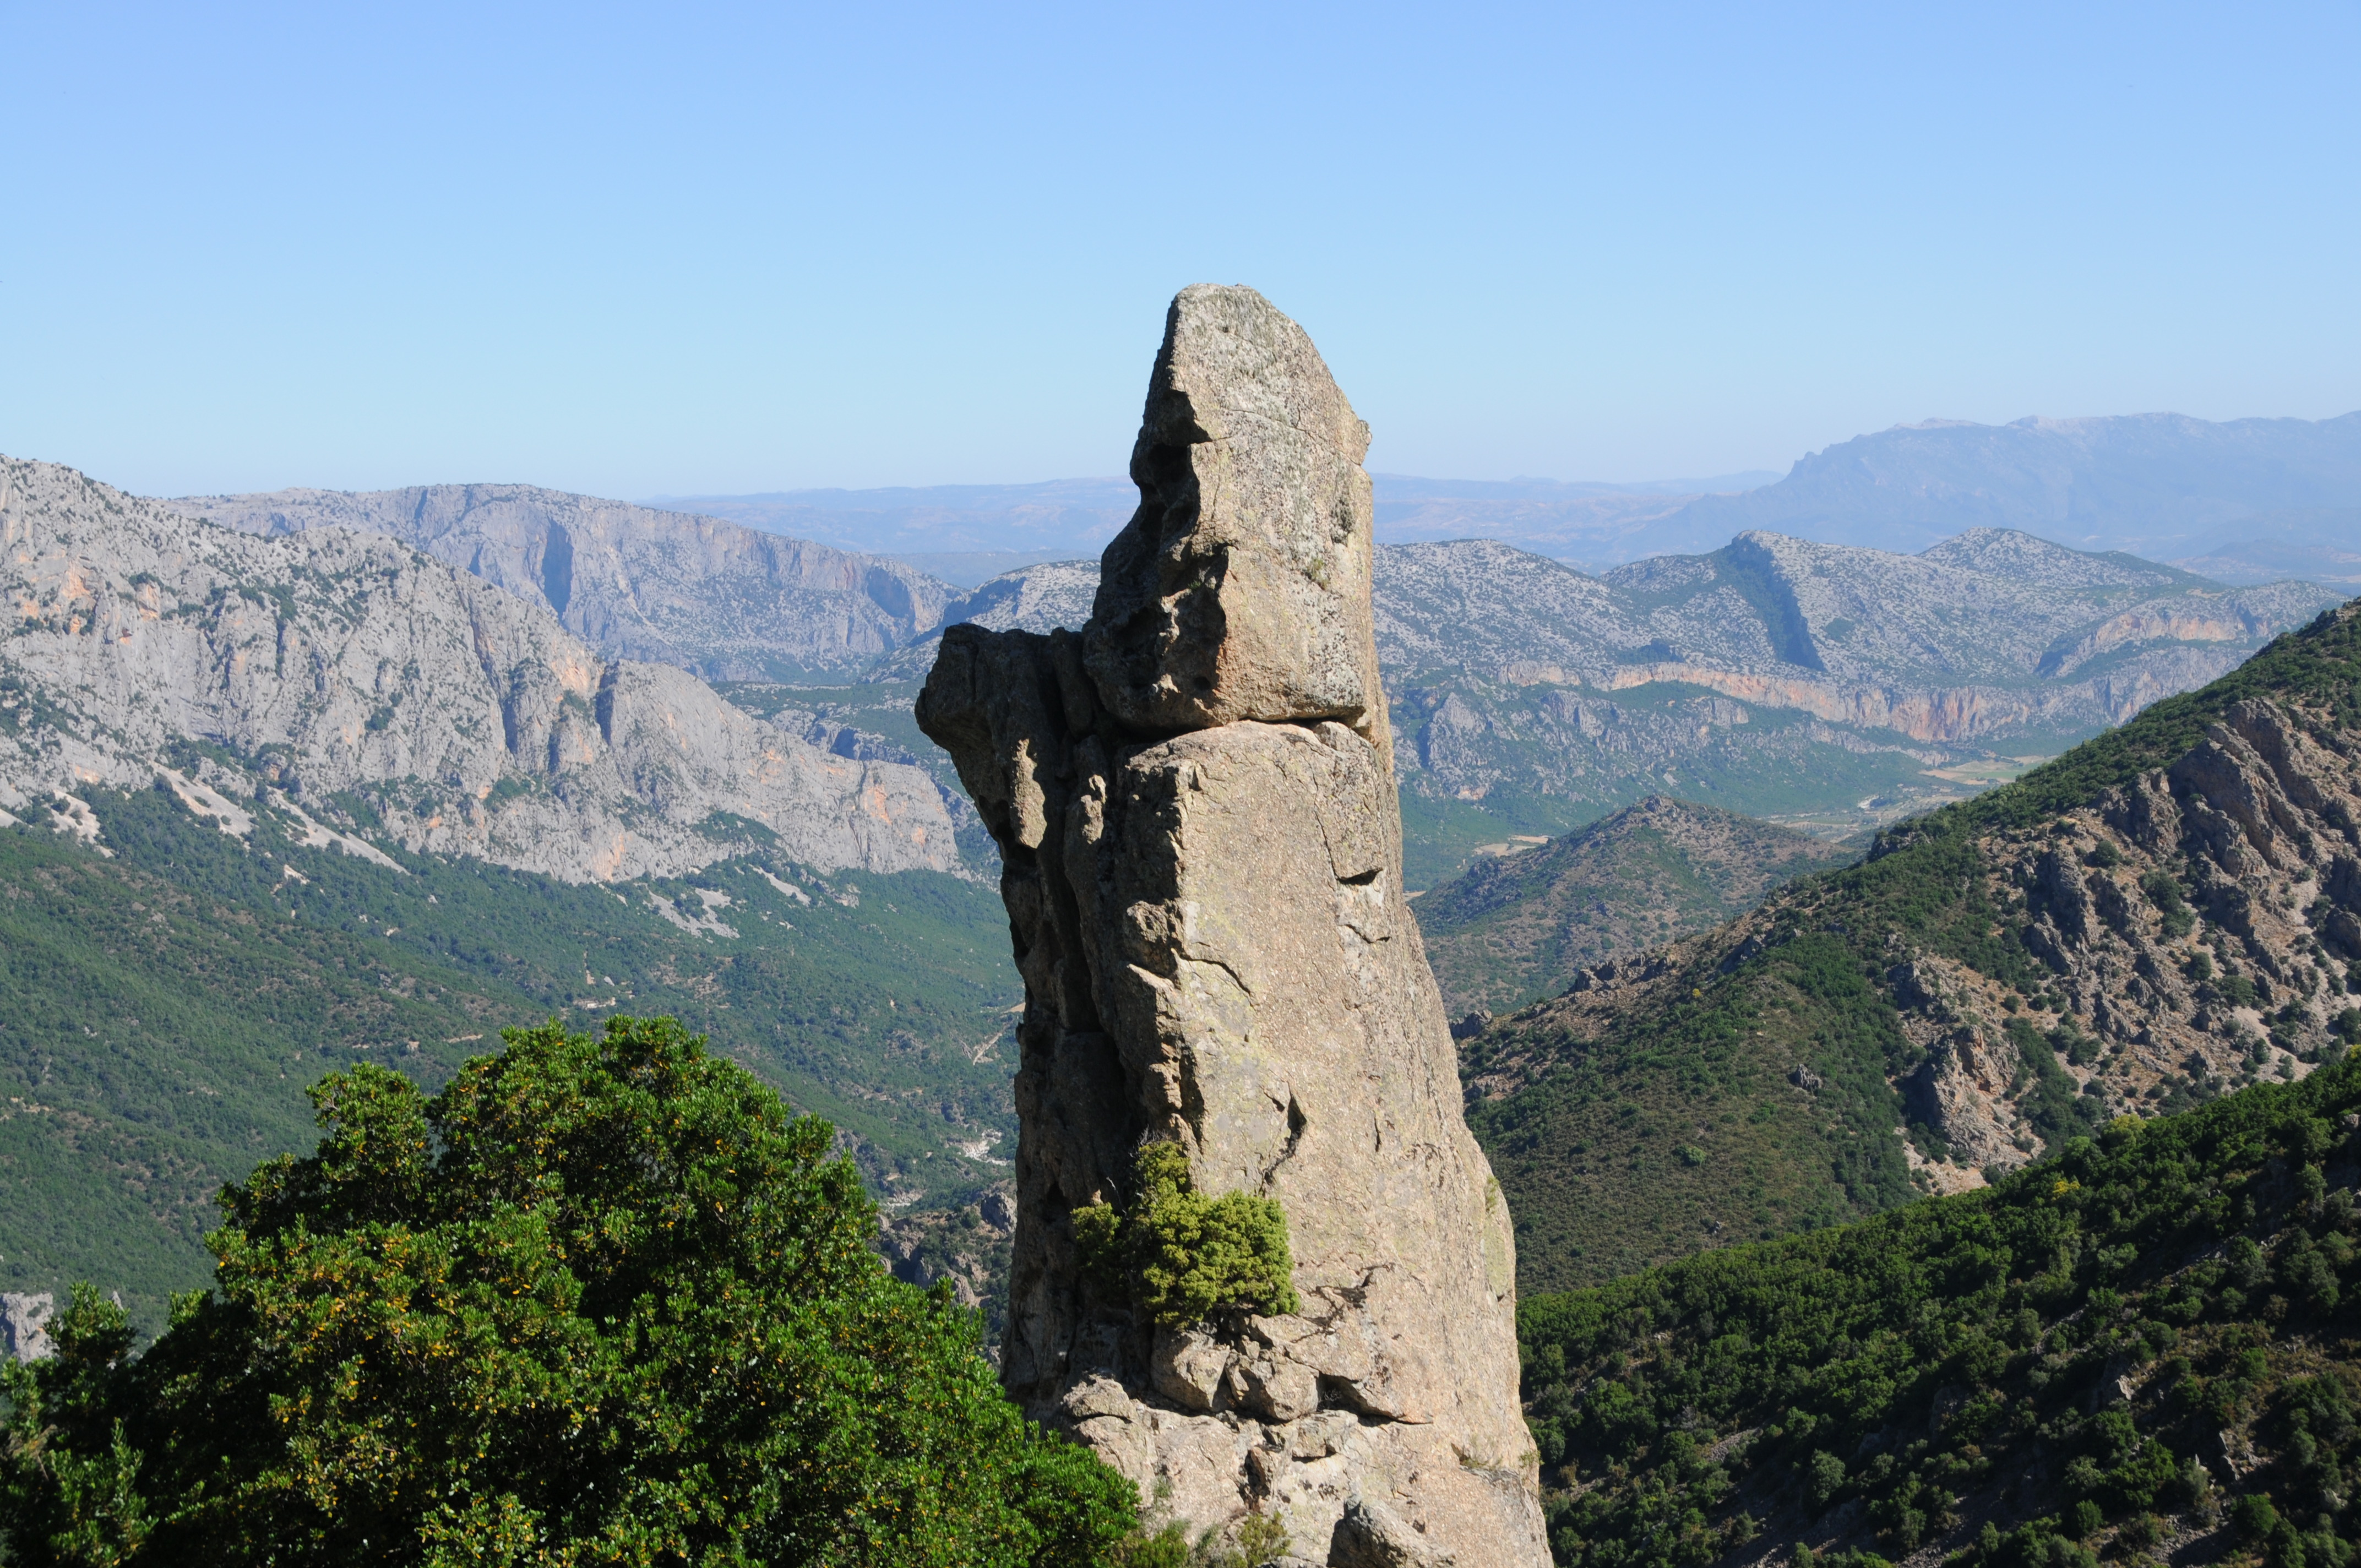 Sardinie, rajský ostrov nurágů v tyrkysovém moři,